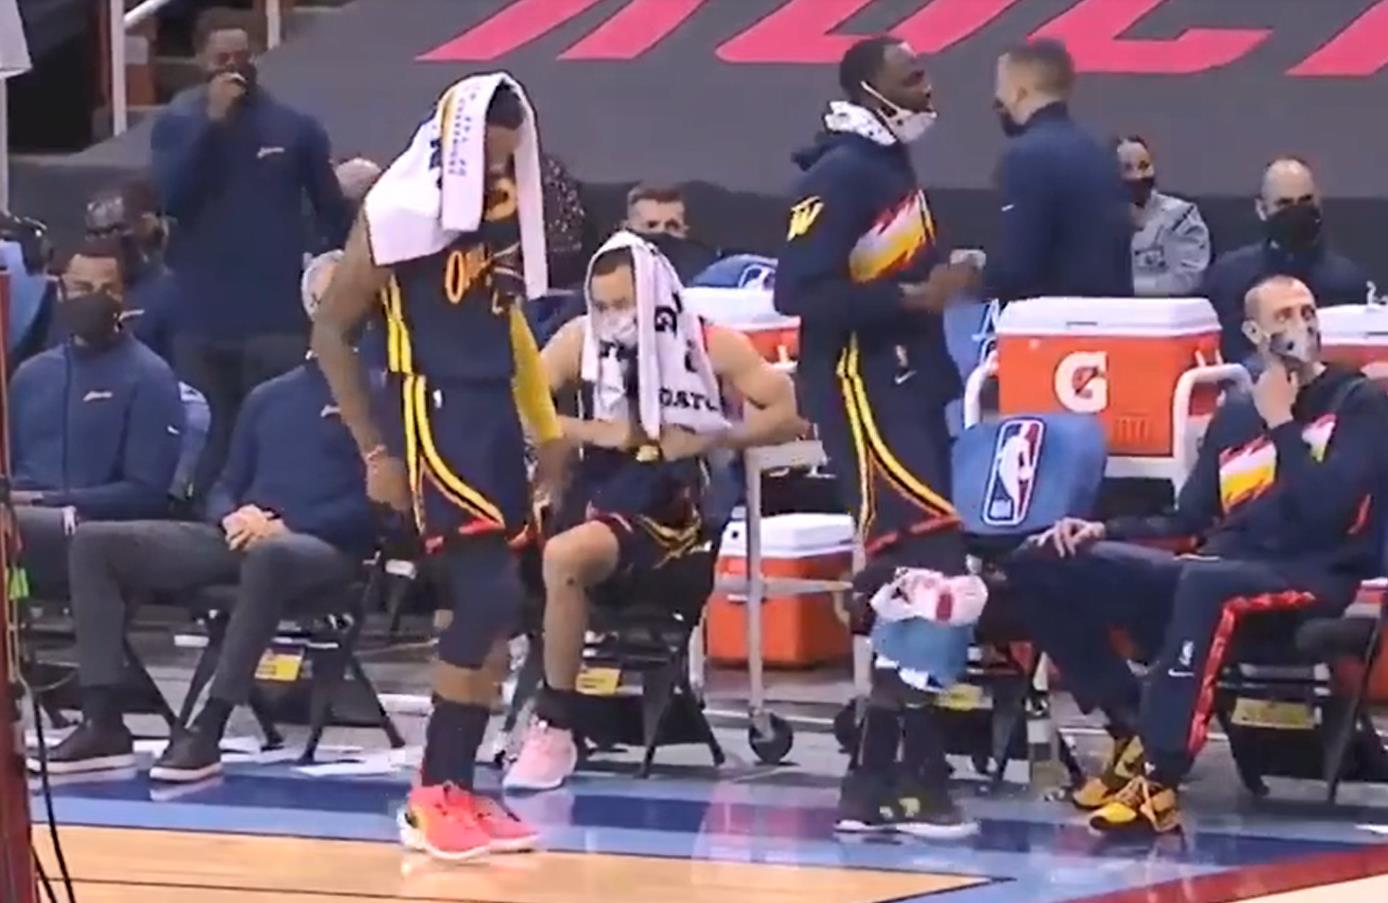 勝利的喜悅!Bazemore和追夢綠場邊大秀舞姿,Curry坐著一起扭動